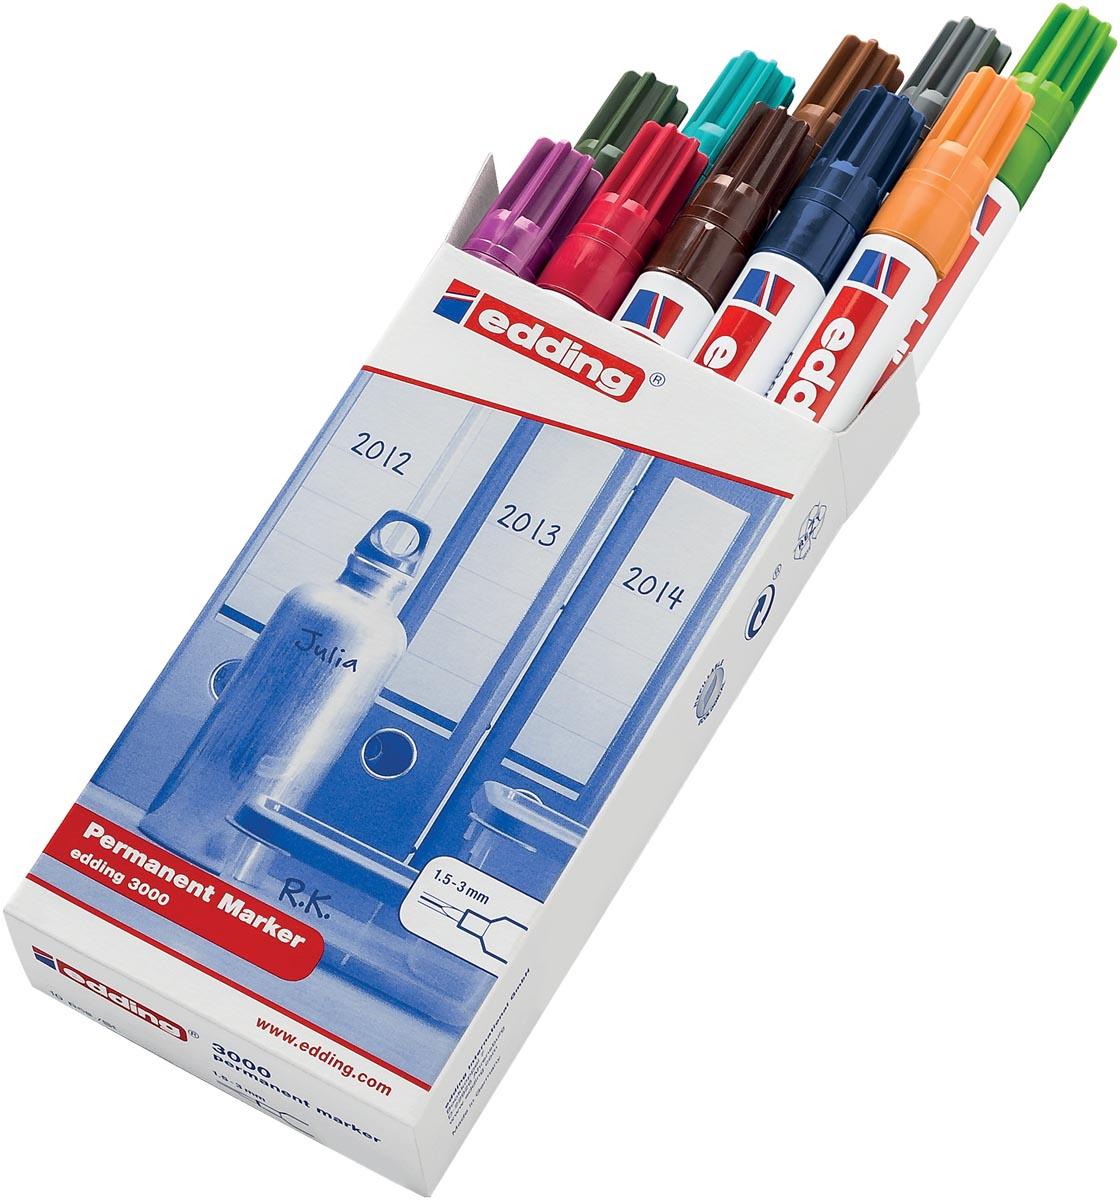 Edding permanent marker 3000, doos met 10 stuks in geassorteerde kleuren